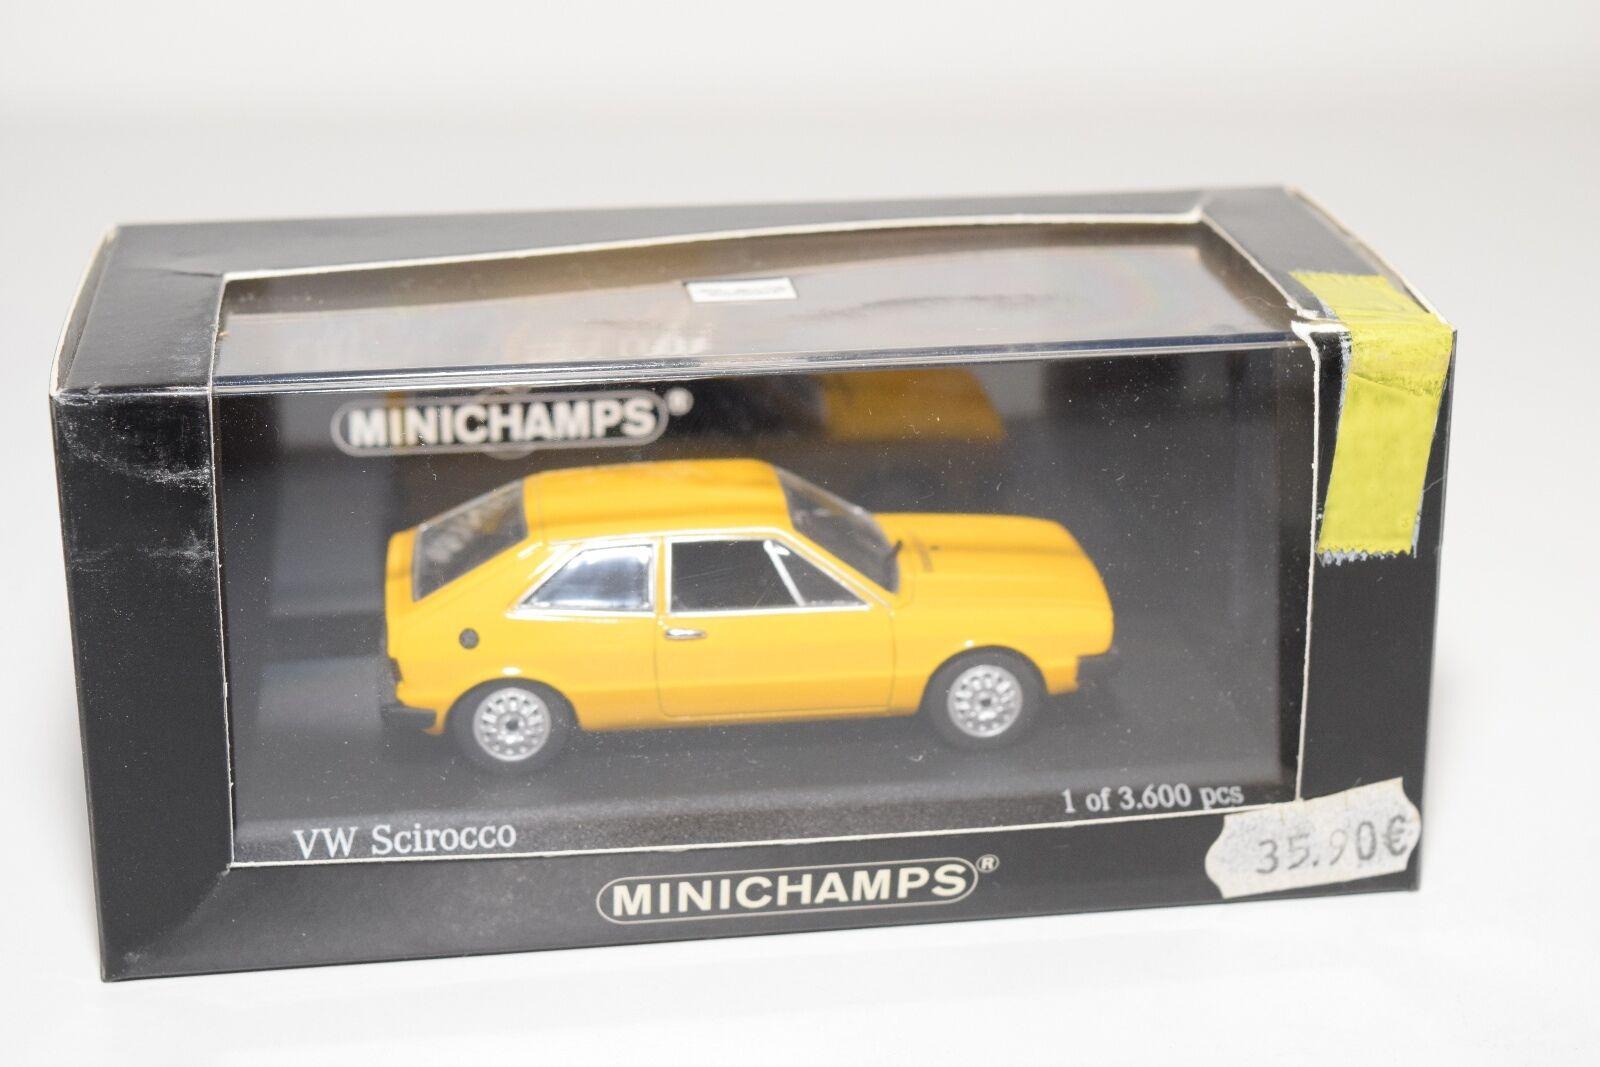 vendite dirette della fabbrica . MINICHAMPS VW VOLKSWAGEN SCIROCCO 1974 1974 1974 gituttio MINT scatolaED  disponibile